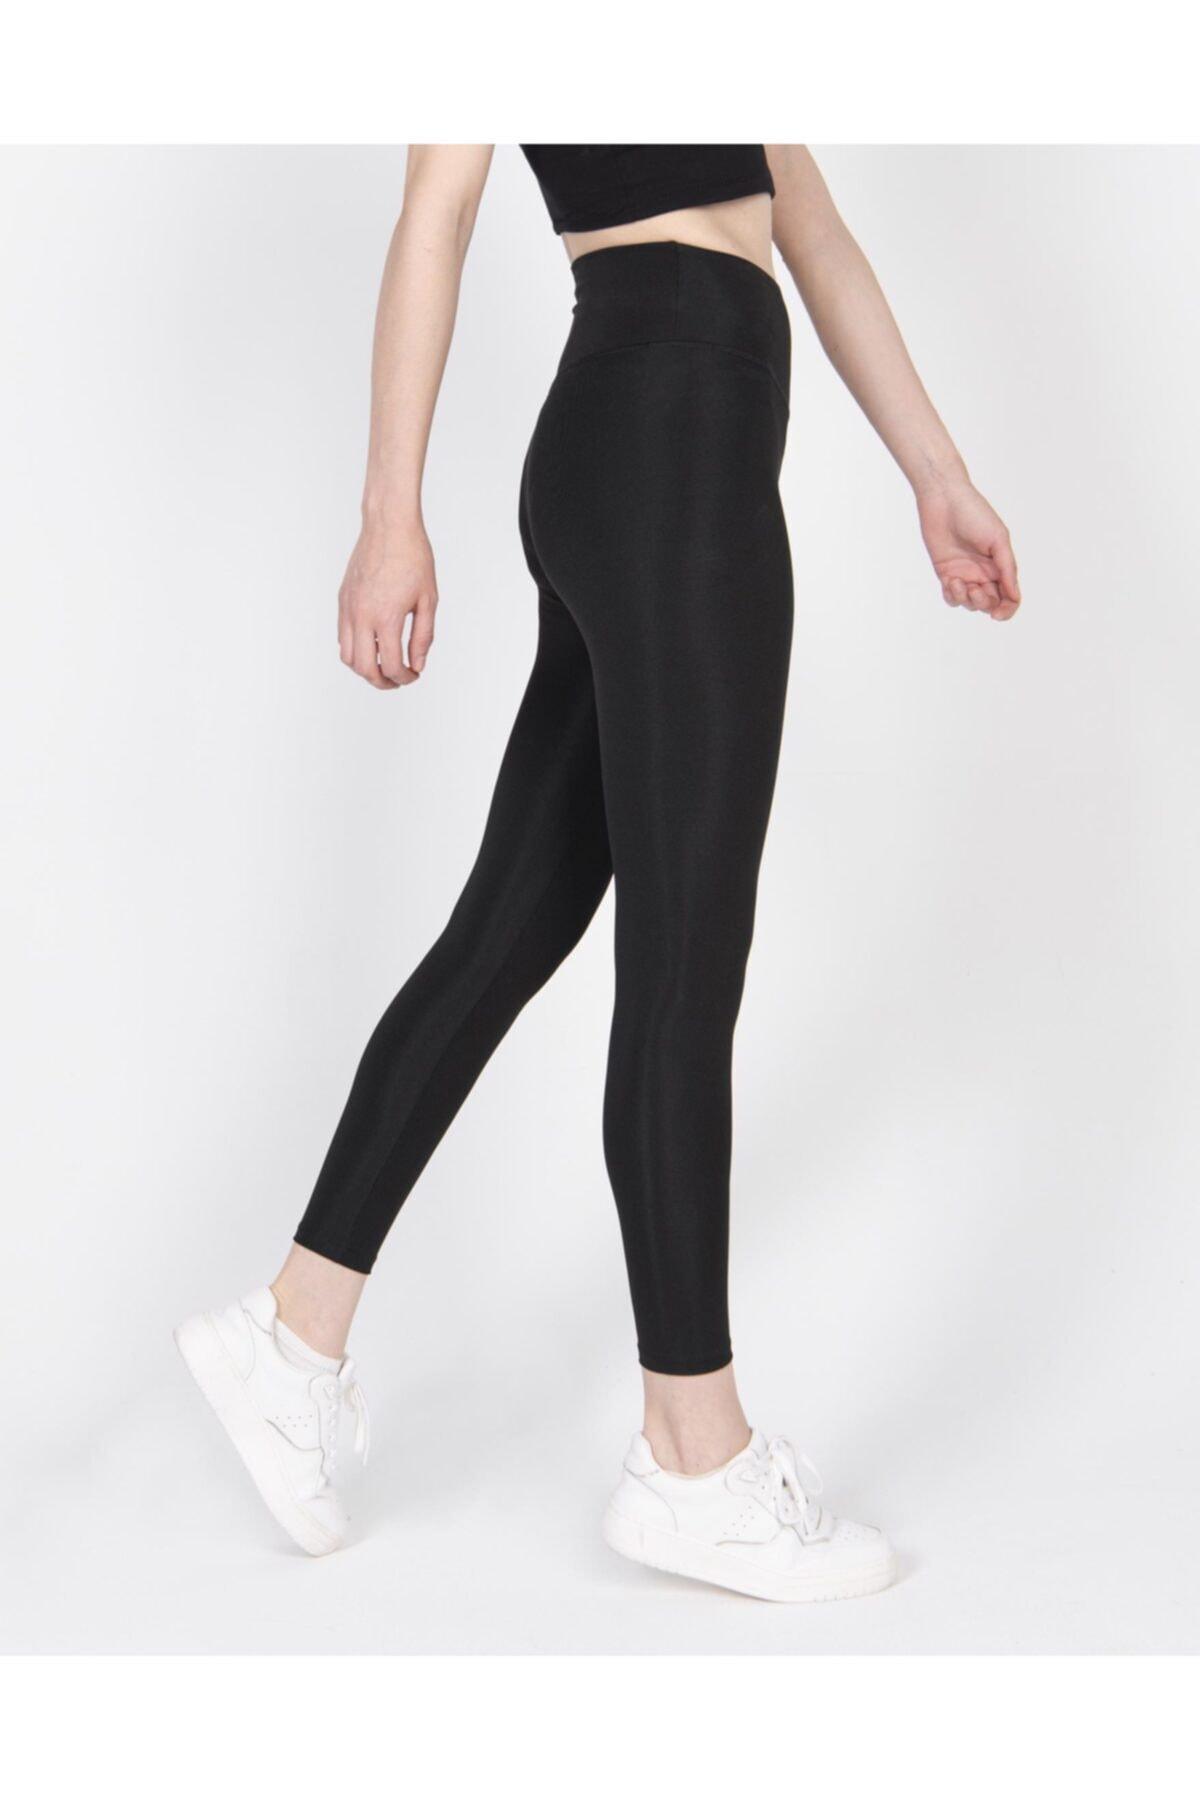 Barpo Giyim Kadın Siyah Disko Yüksek Bel Toparlayıcı Günlük Spor Şık Rahat Push Up Slim Fit Parlak Disco Tayt 2